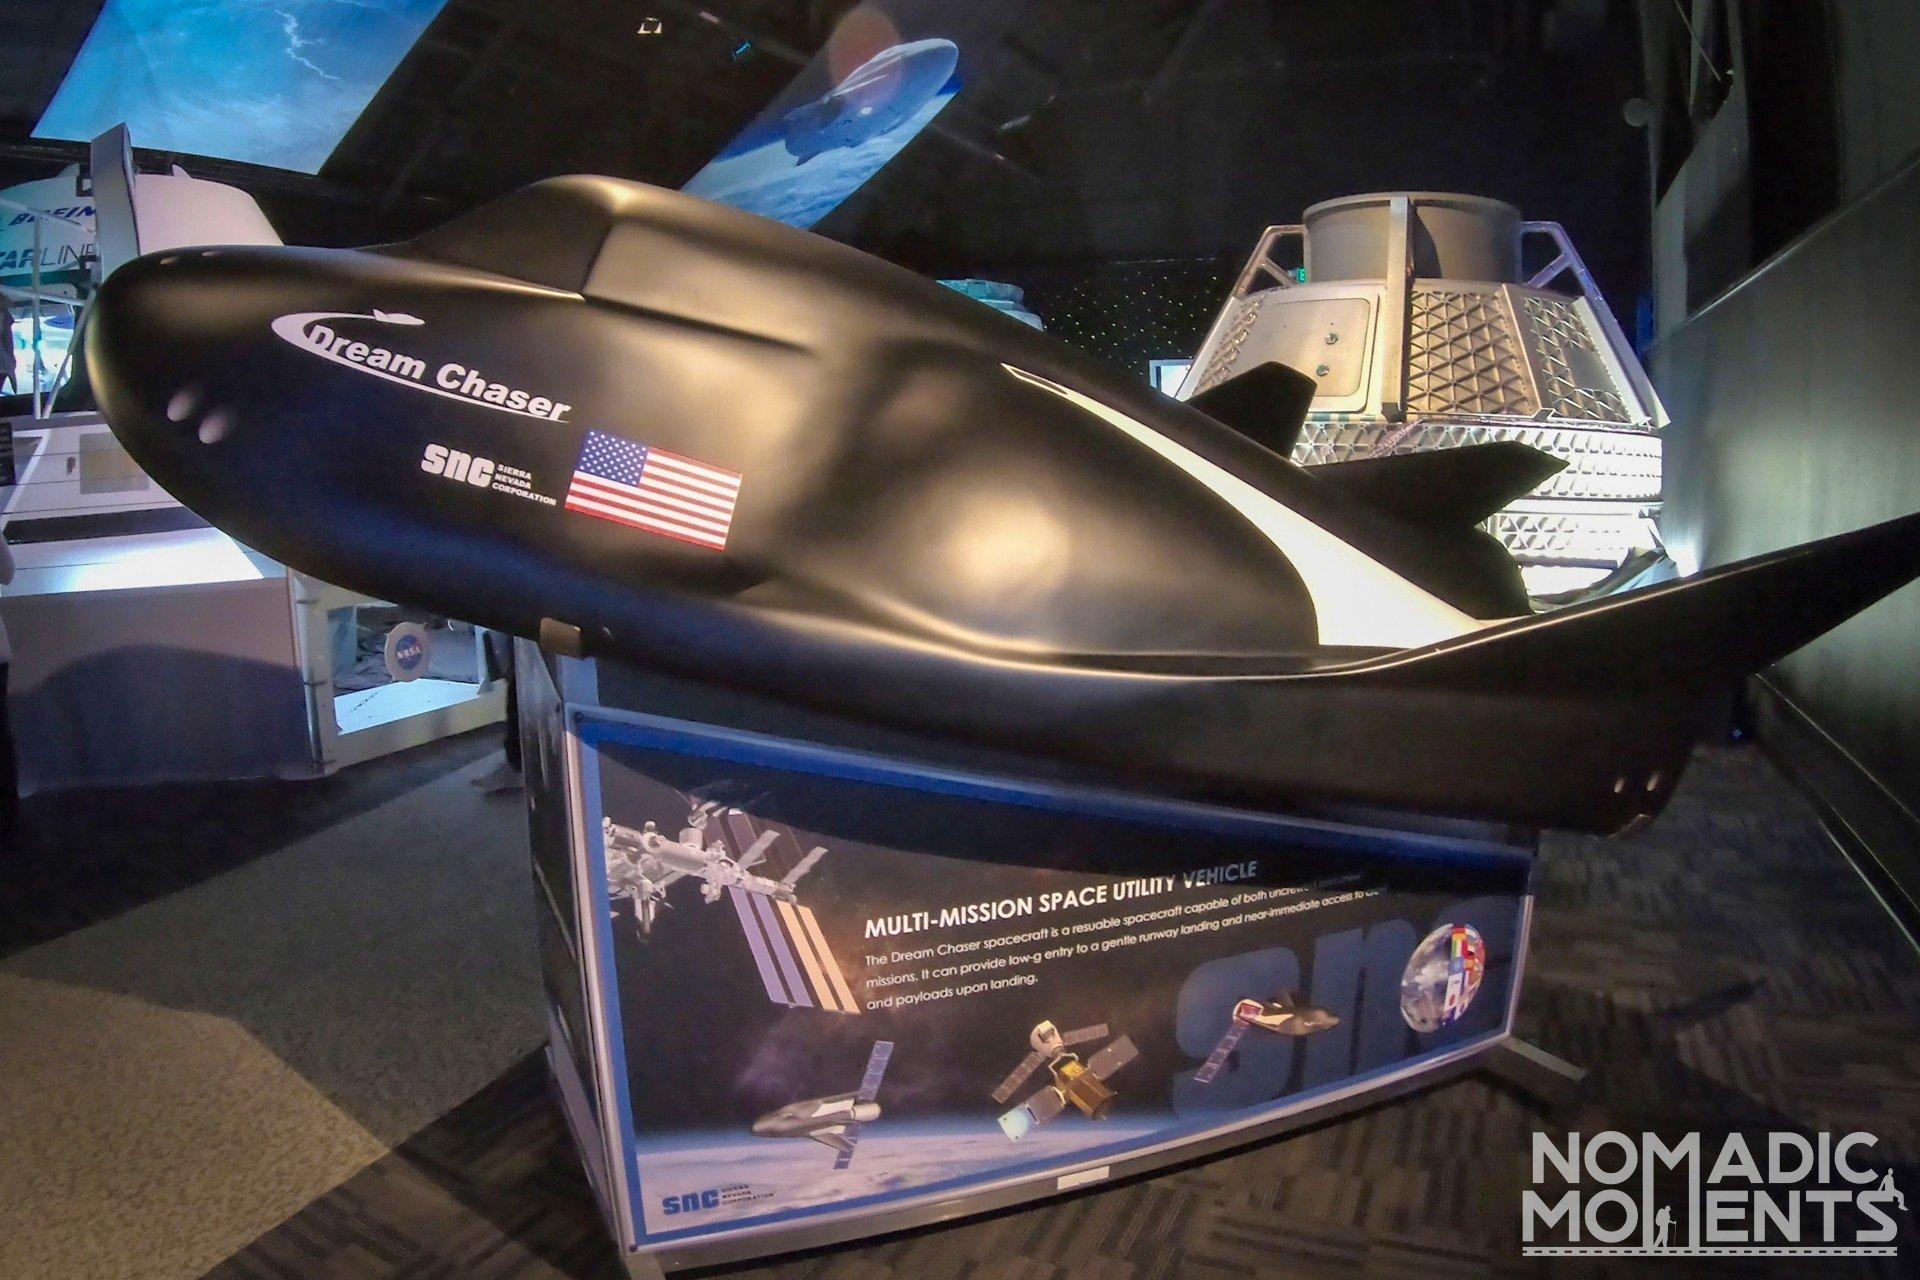 Dream Chaser Shuttle